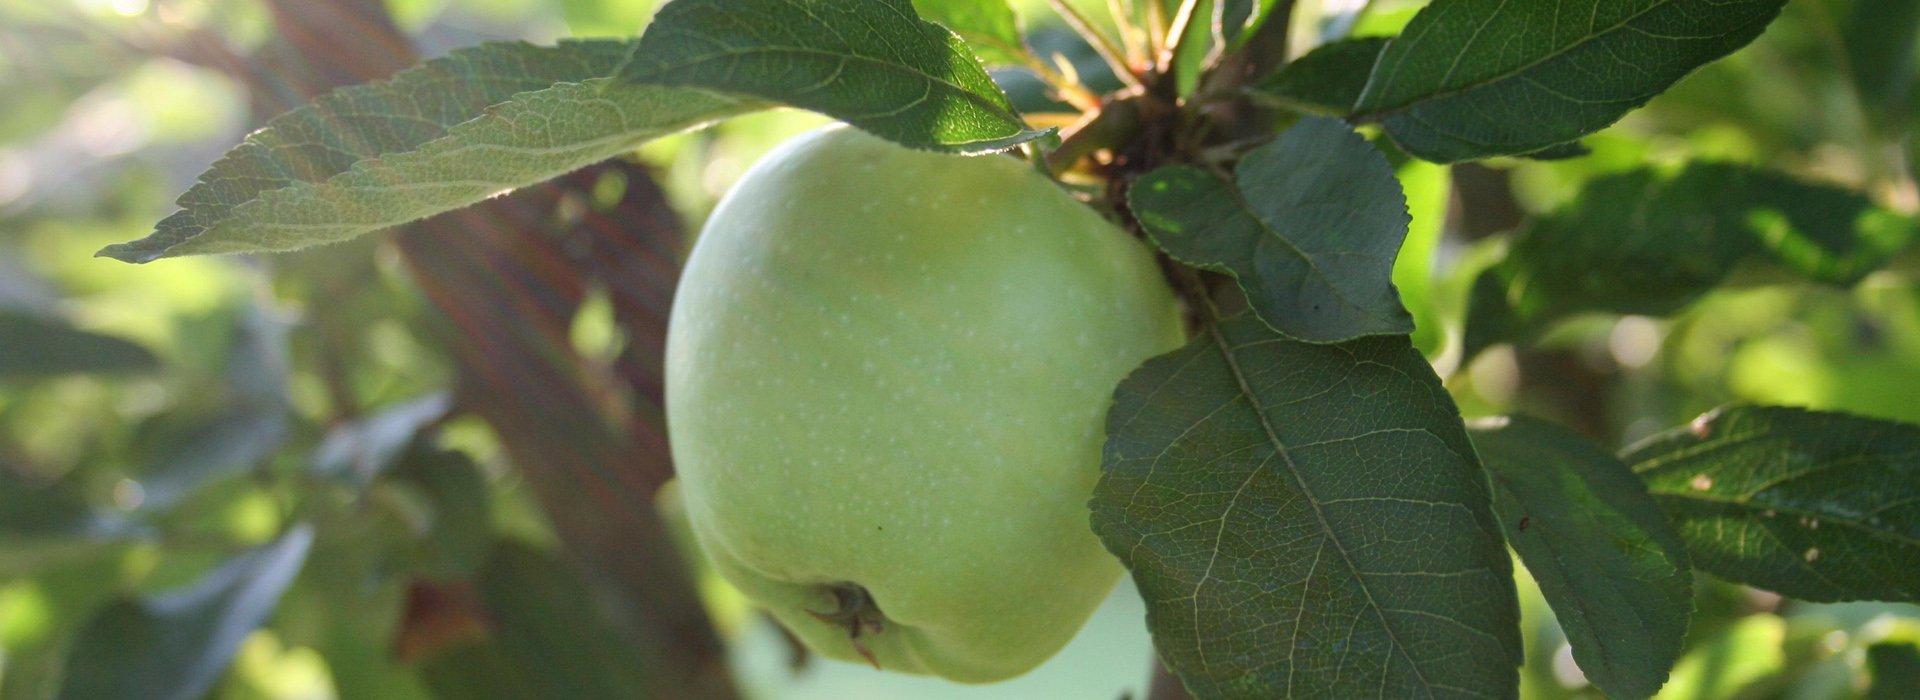 Immagine della mela verde